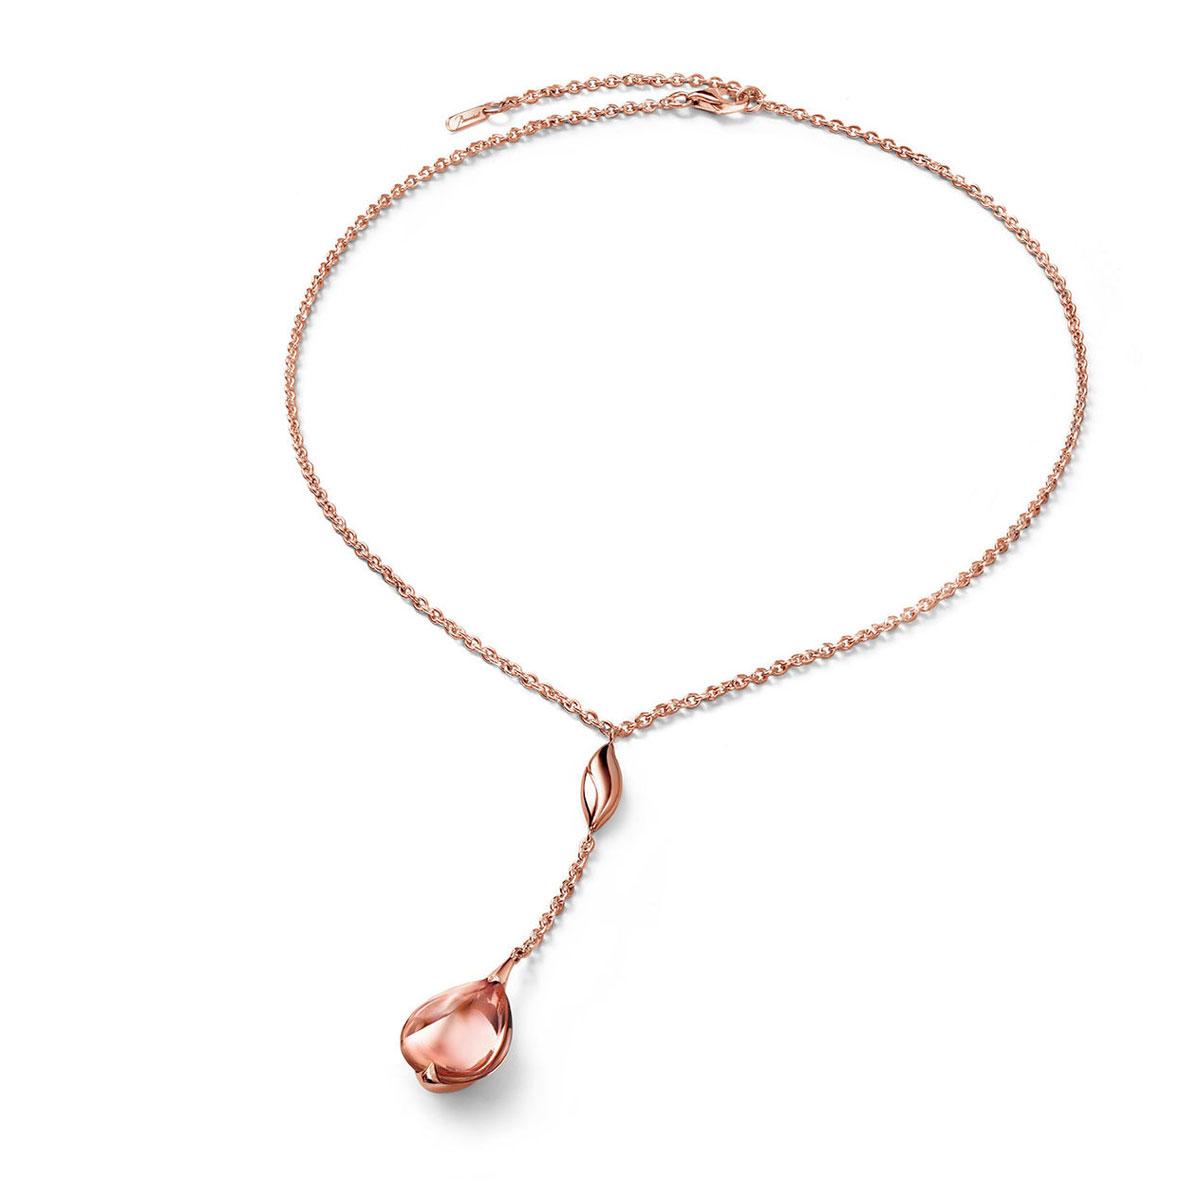 Baccarat Crystal Fleur De Psydelic Rose Gold Vermeil Light Pink Pendant Necklace